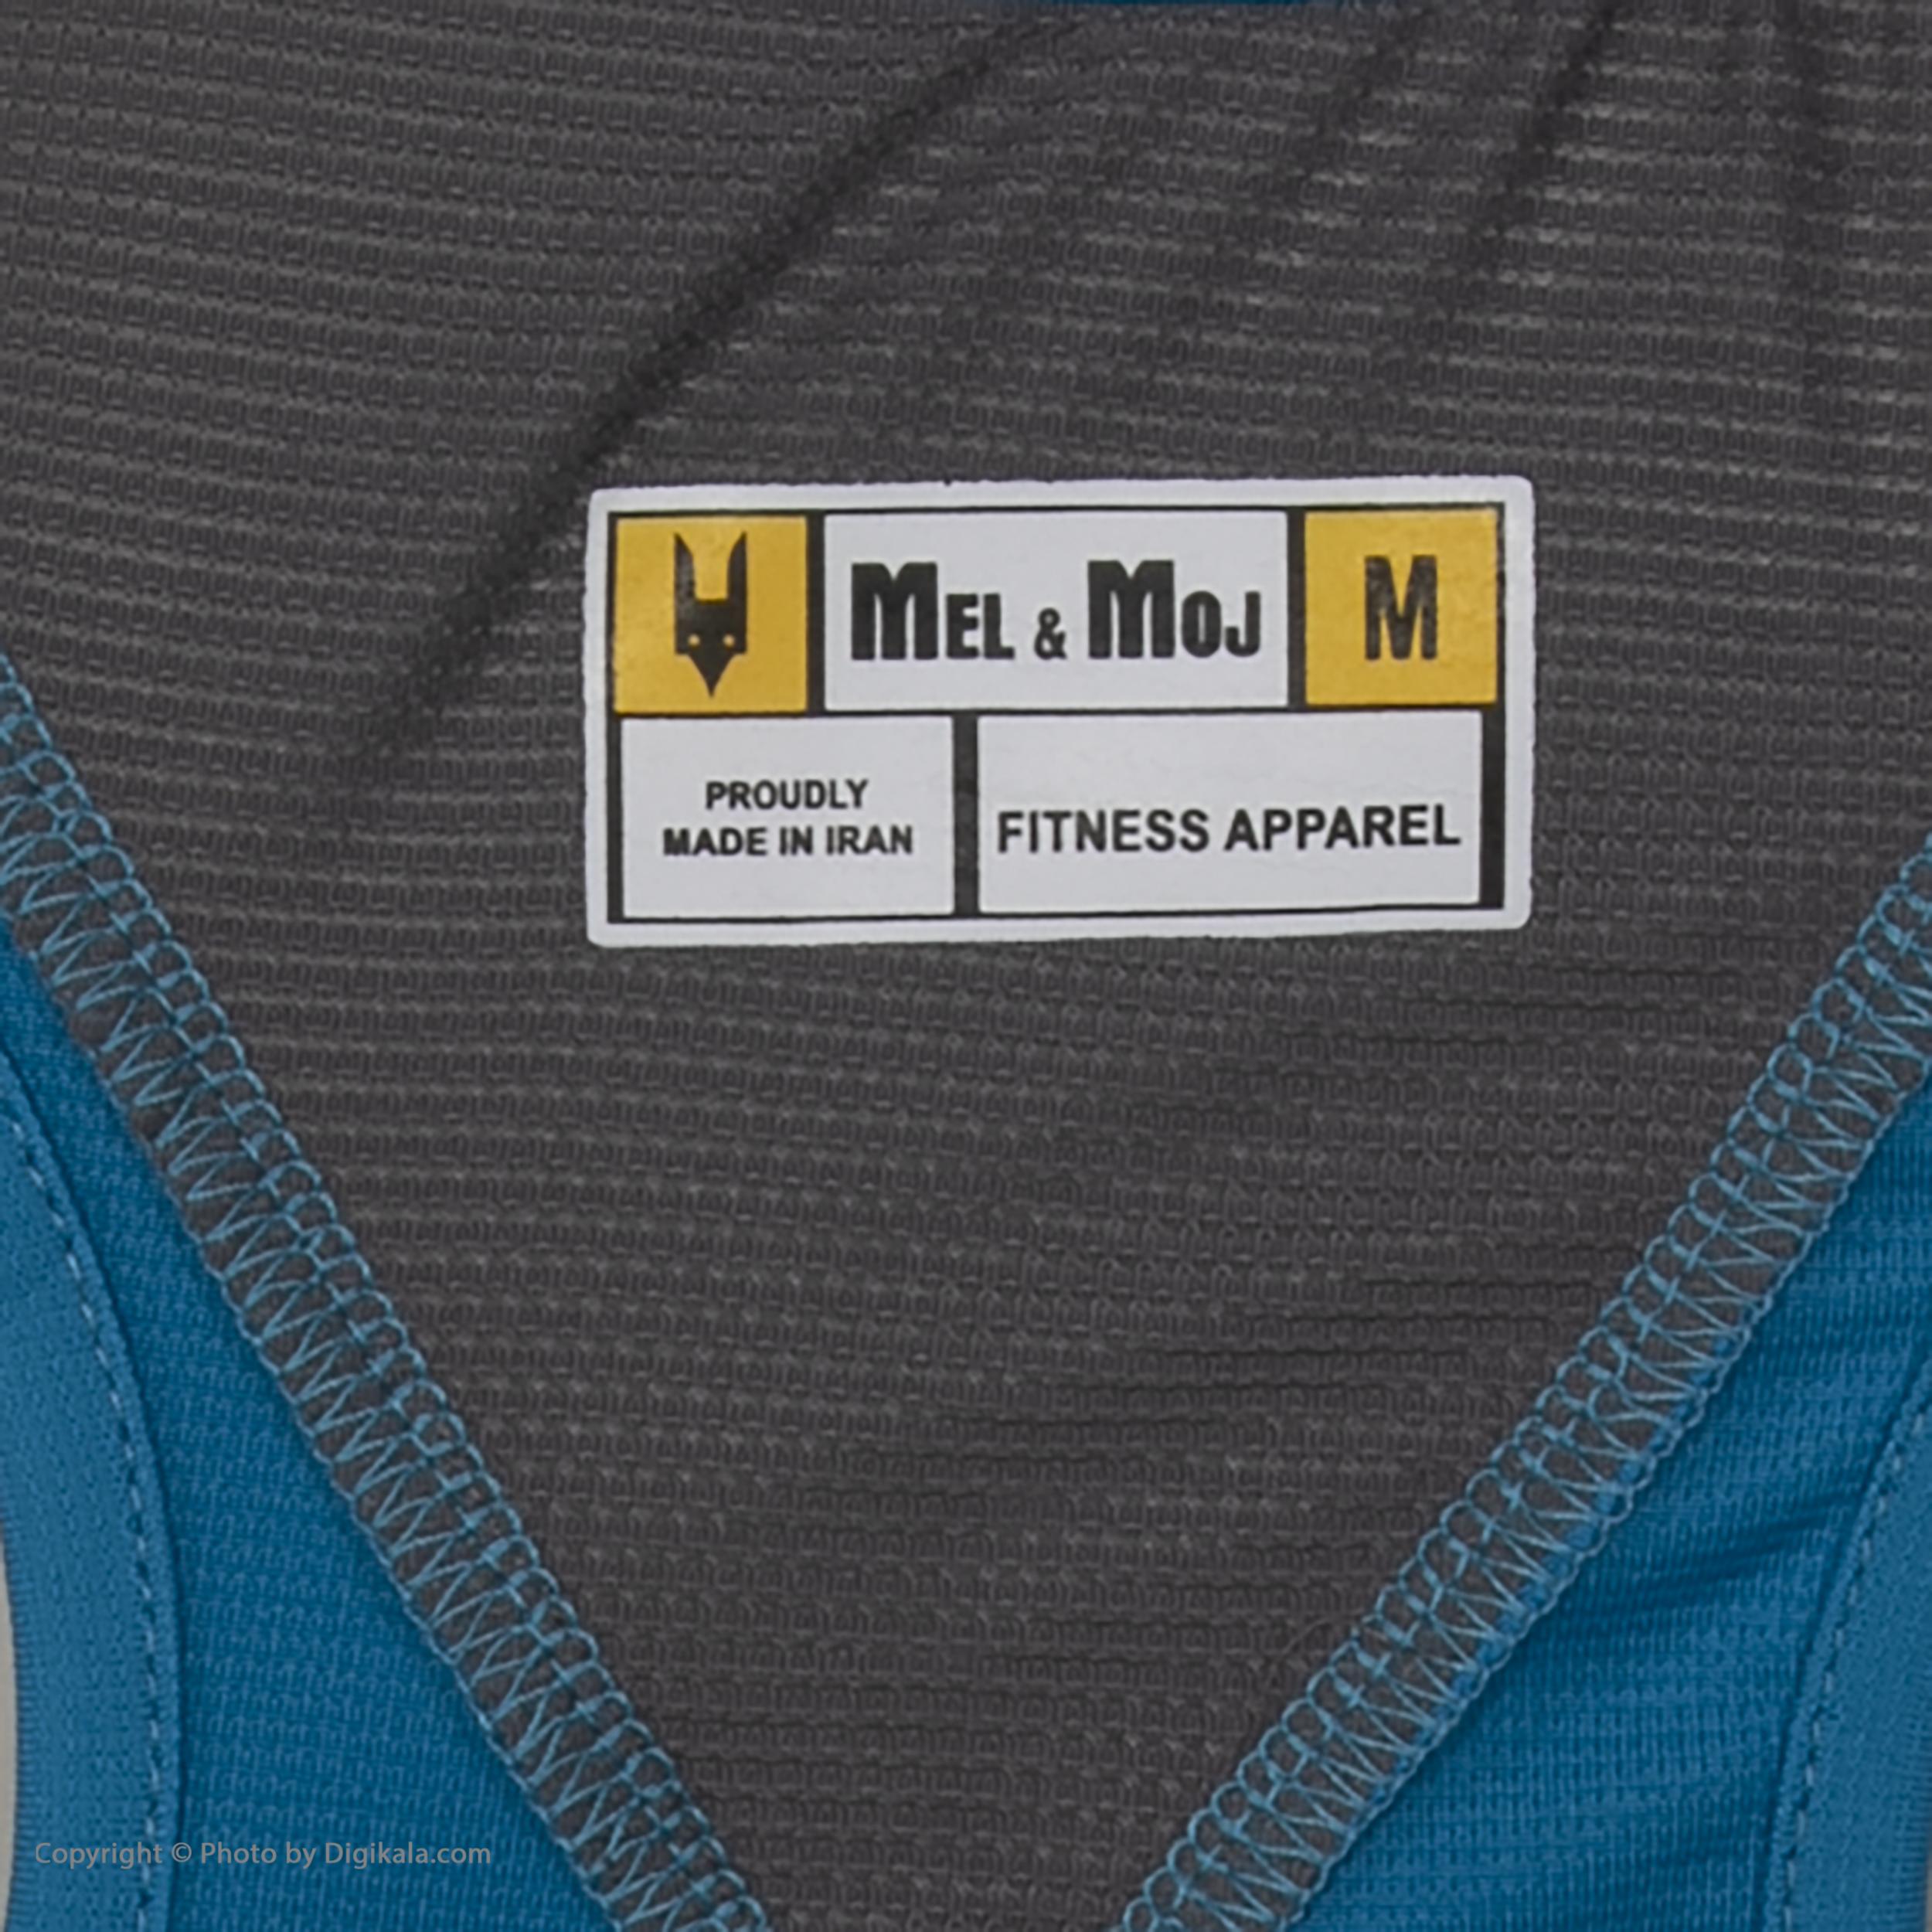 تاپ ورزشی زنانه مل اند موژ مدل W06339-410 -  - 7